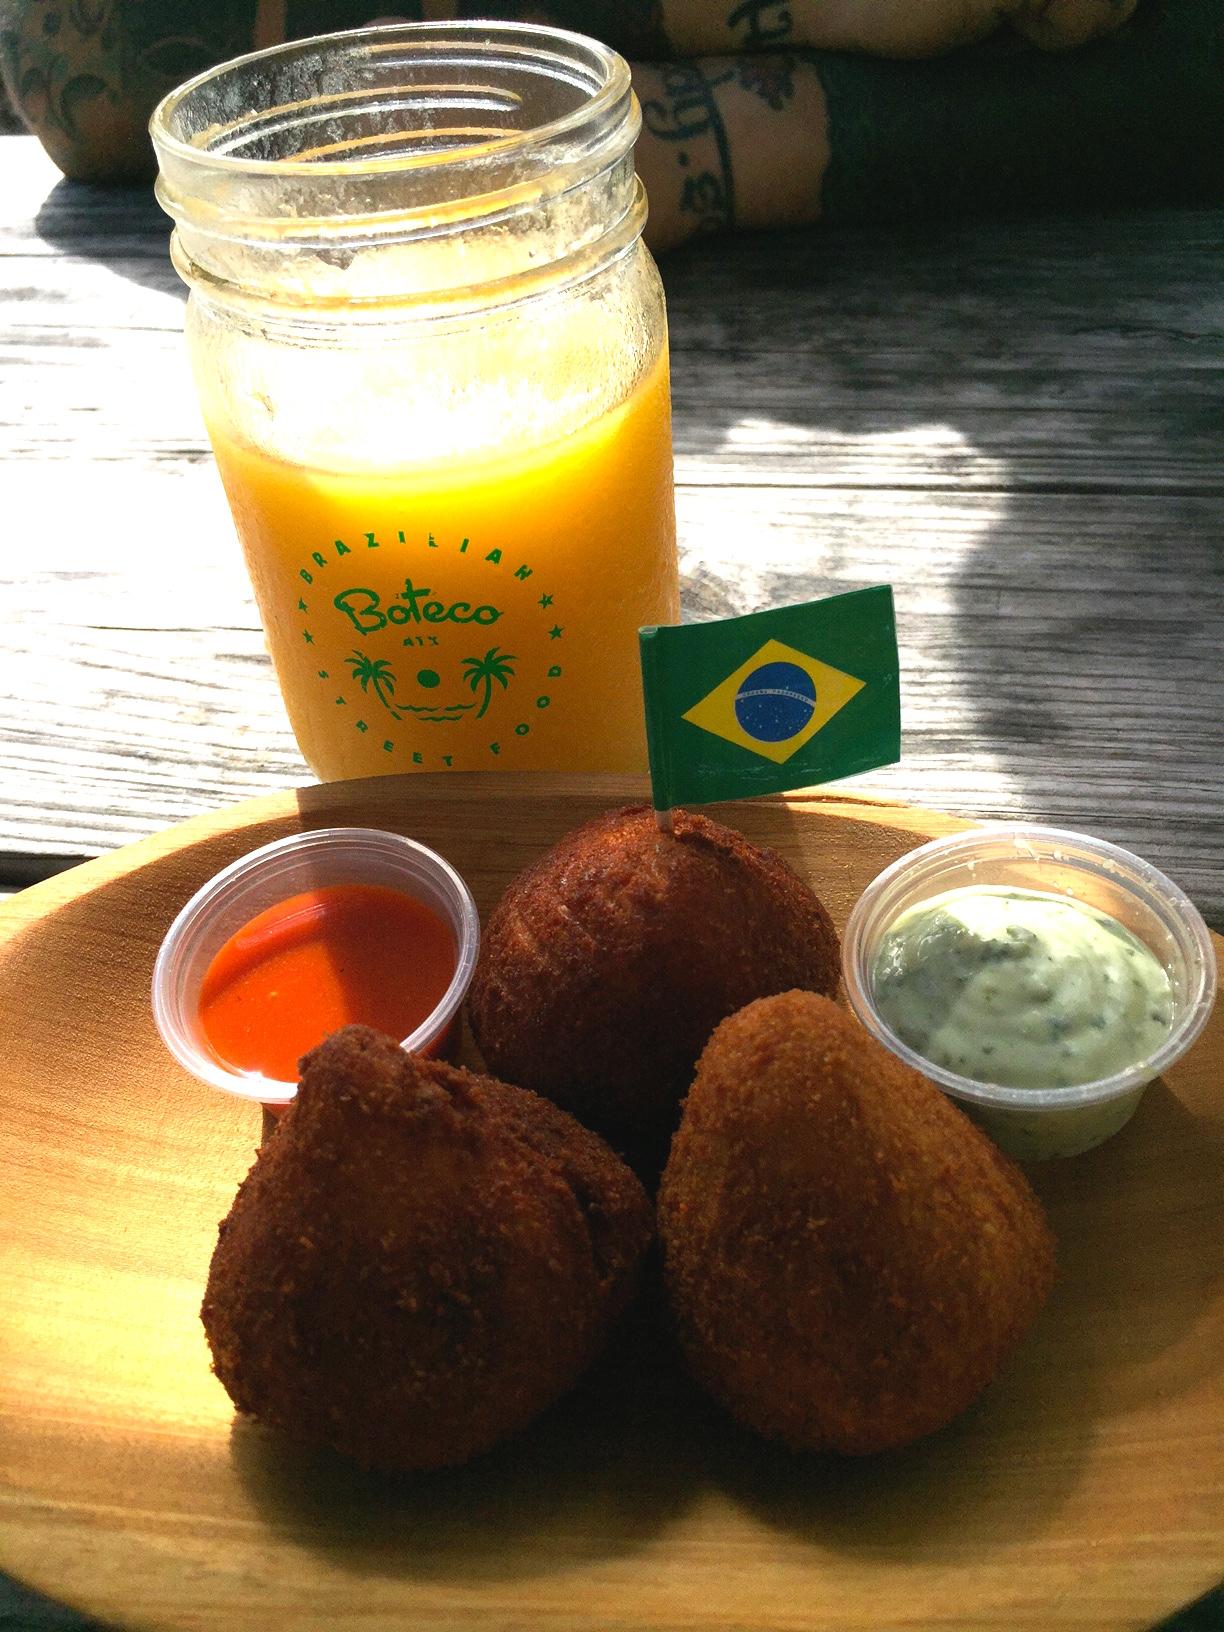 Coxhinhas and fresh squeezed mango juice